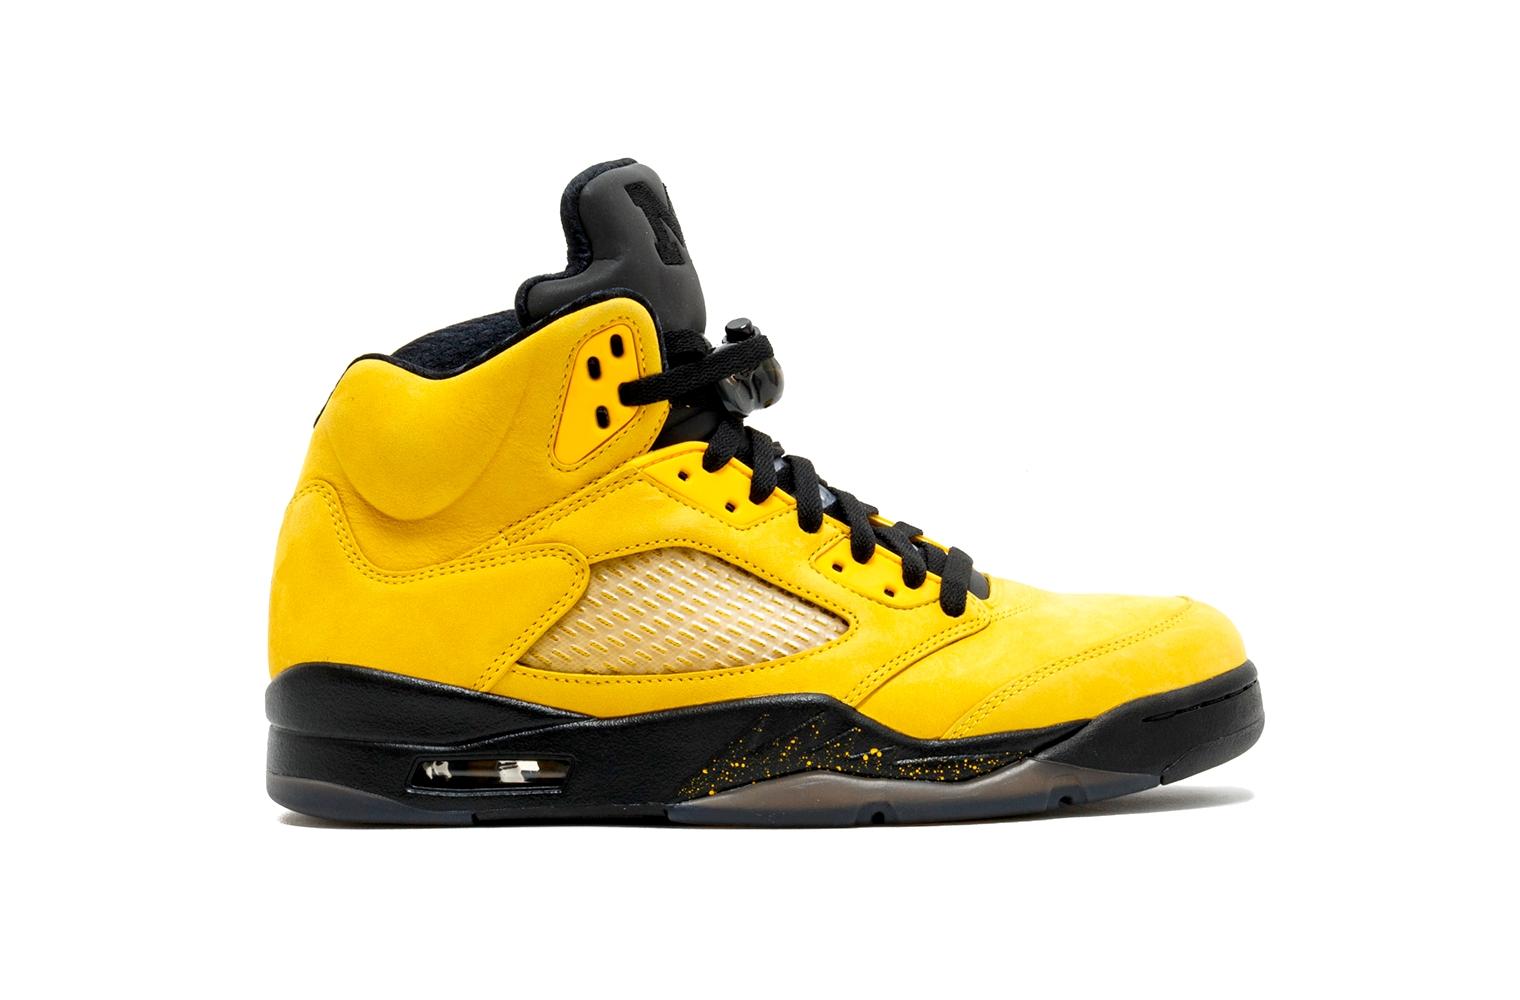 Самые дорогие кроссовки в мире – Nike Air Jordan 5 Retro Michigan Fab Five (9 место)